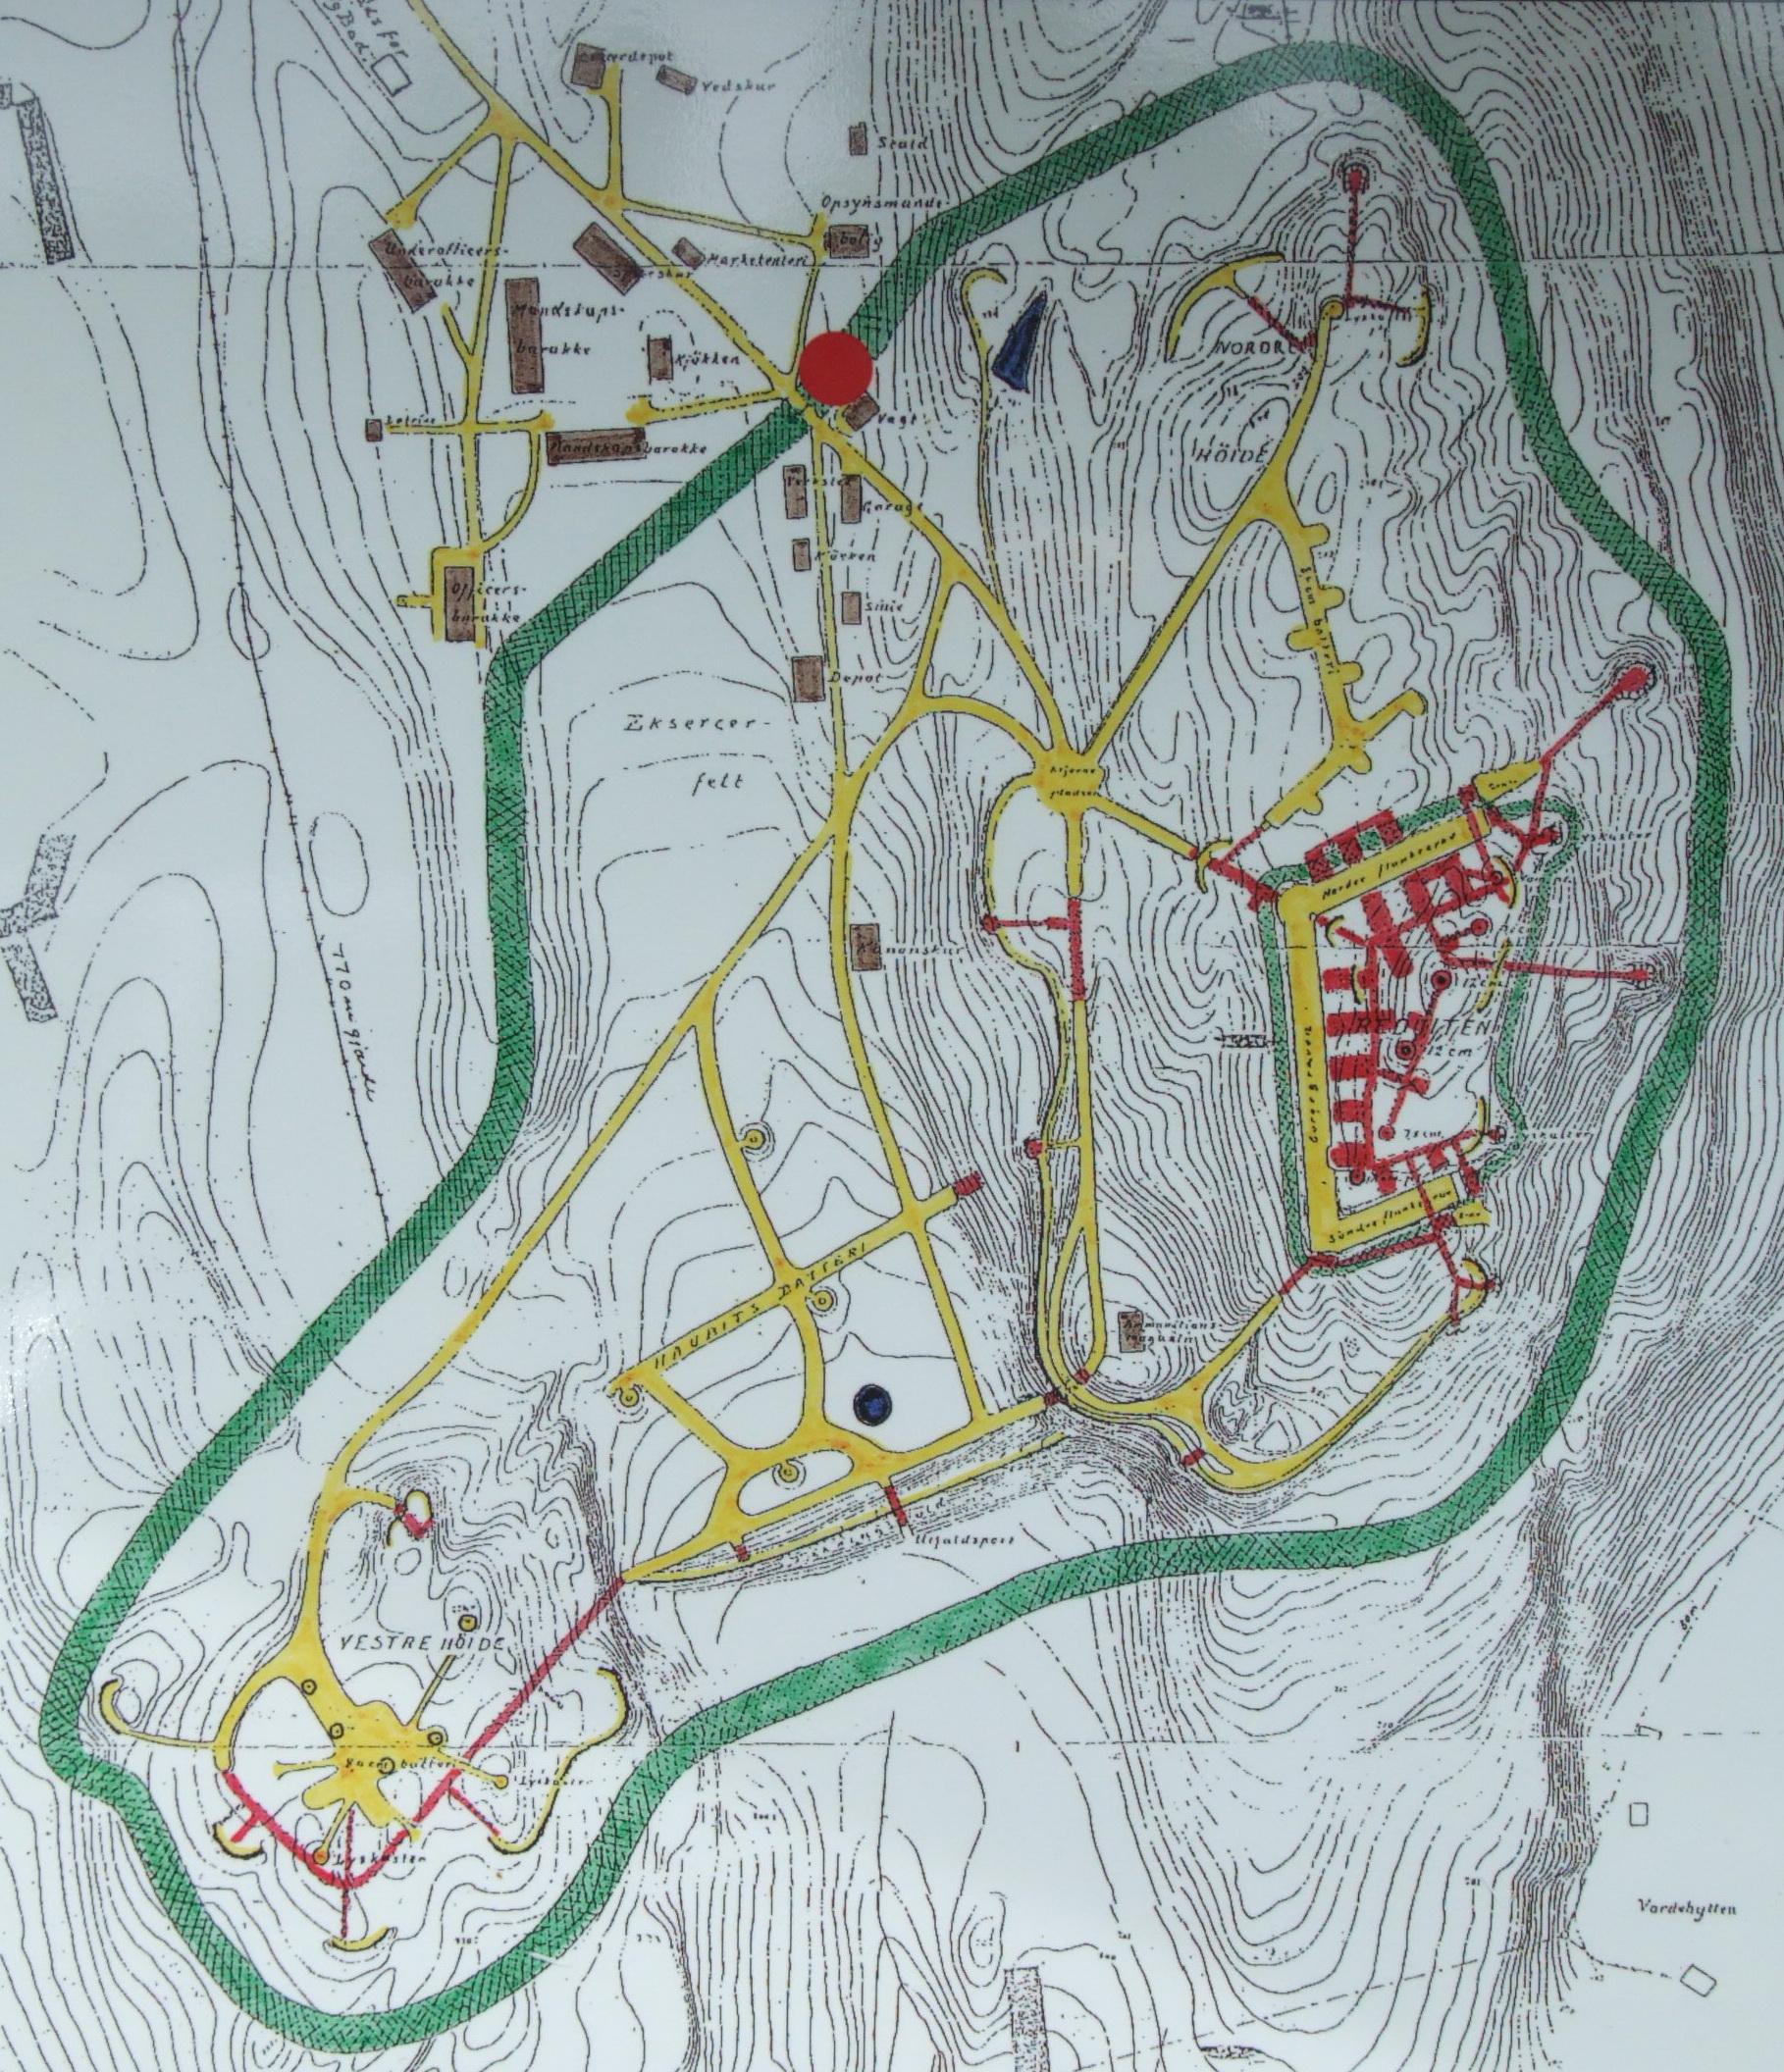 Karta över Höytorp från 1915. Gula partier markerar vägar och gravar, själva bergdelen ligger vid den gula öppna fyrkanten och delarna som finns inne i berget liksom tunnlar i övriga delar är markerade röda.